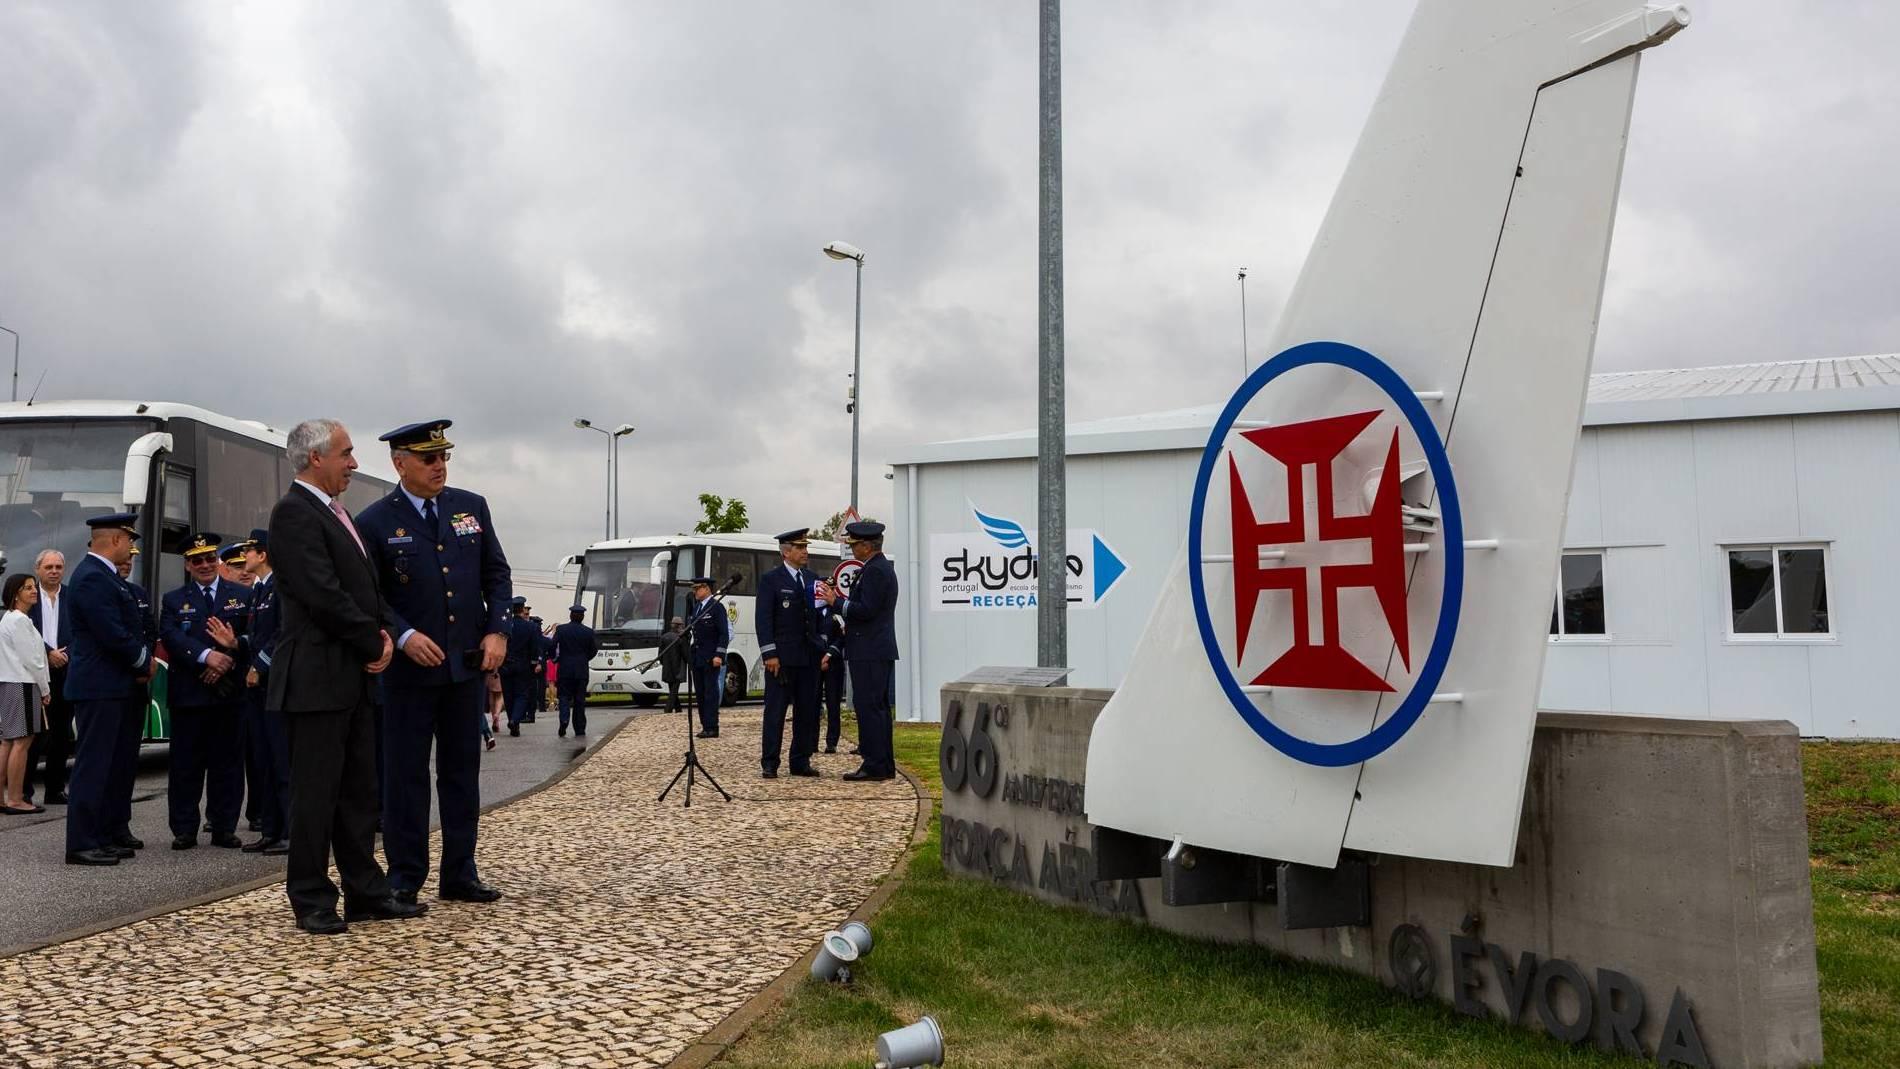 Força Aérea inaugura monumento no Aeródromo de Évora